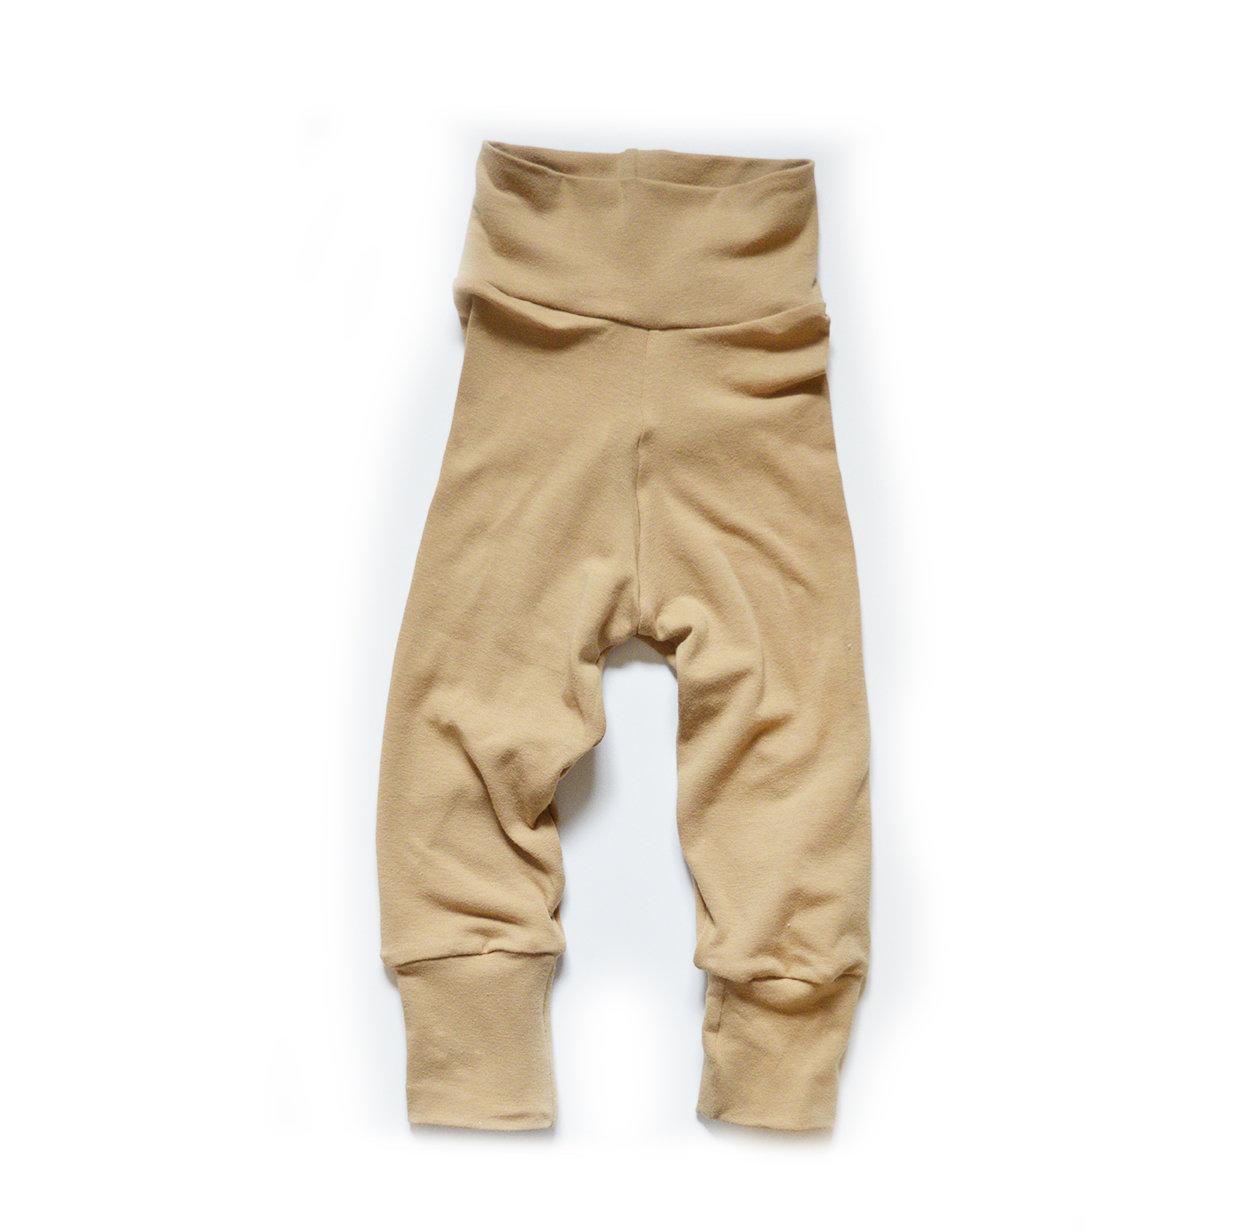 G3 Little Sprout Pants™ Camel - Cotton Lycra 00370